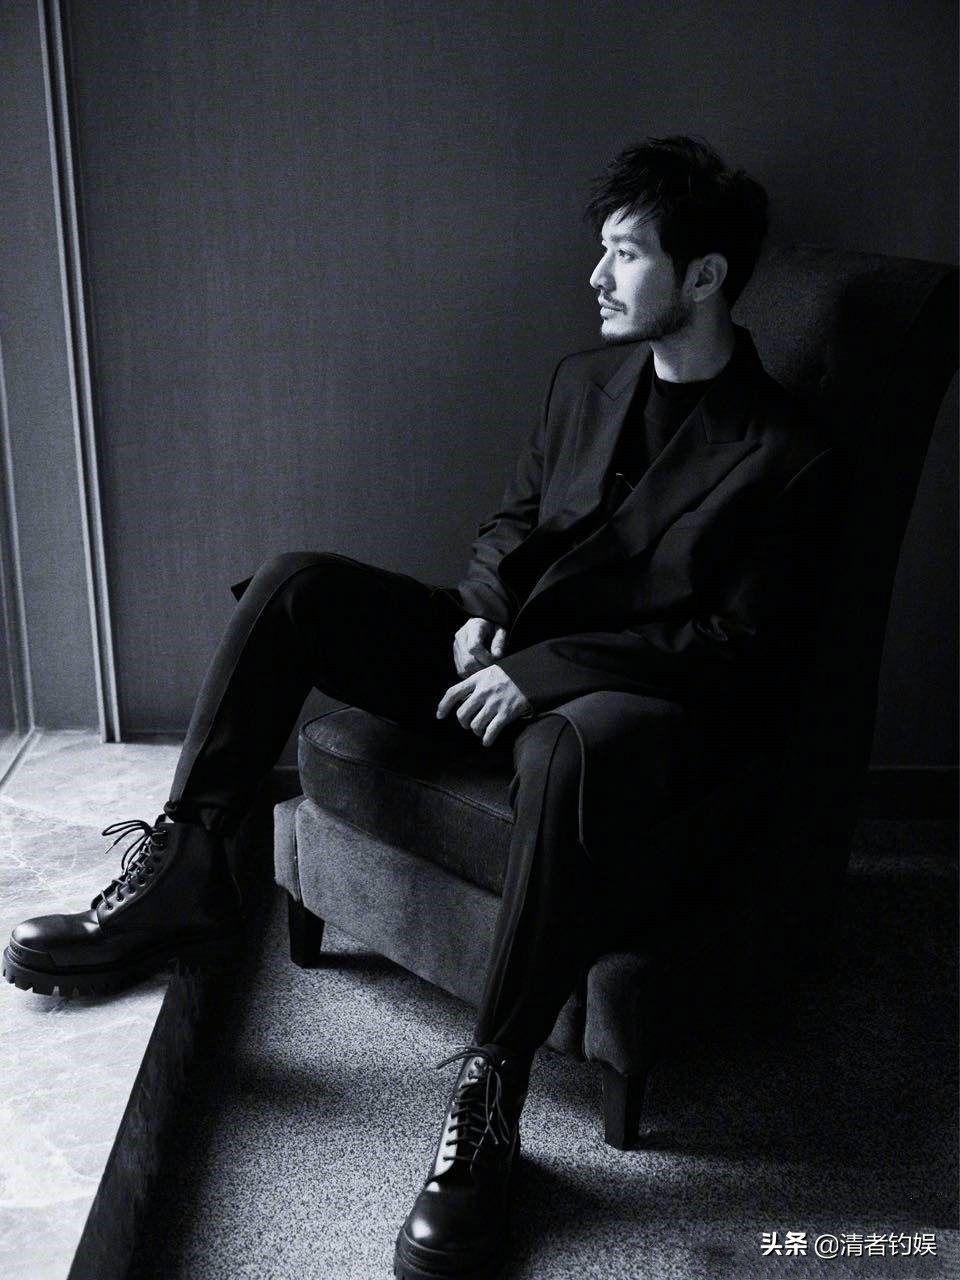 黄晓明凭《烈火英雄》获金鸡奖最佳男主角提名:我觉得我电量挺足